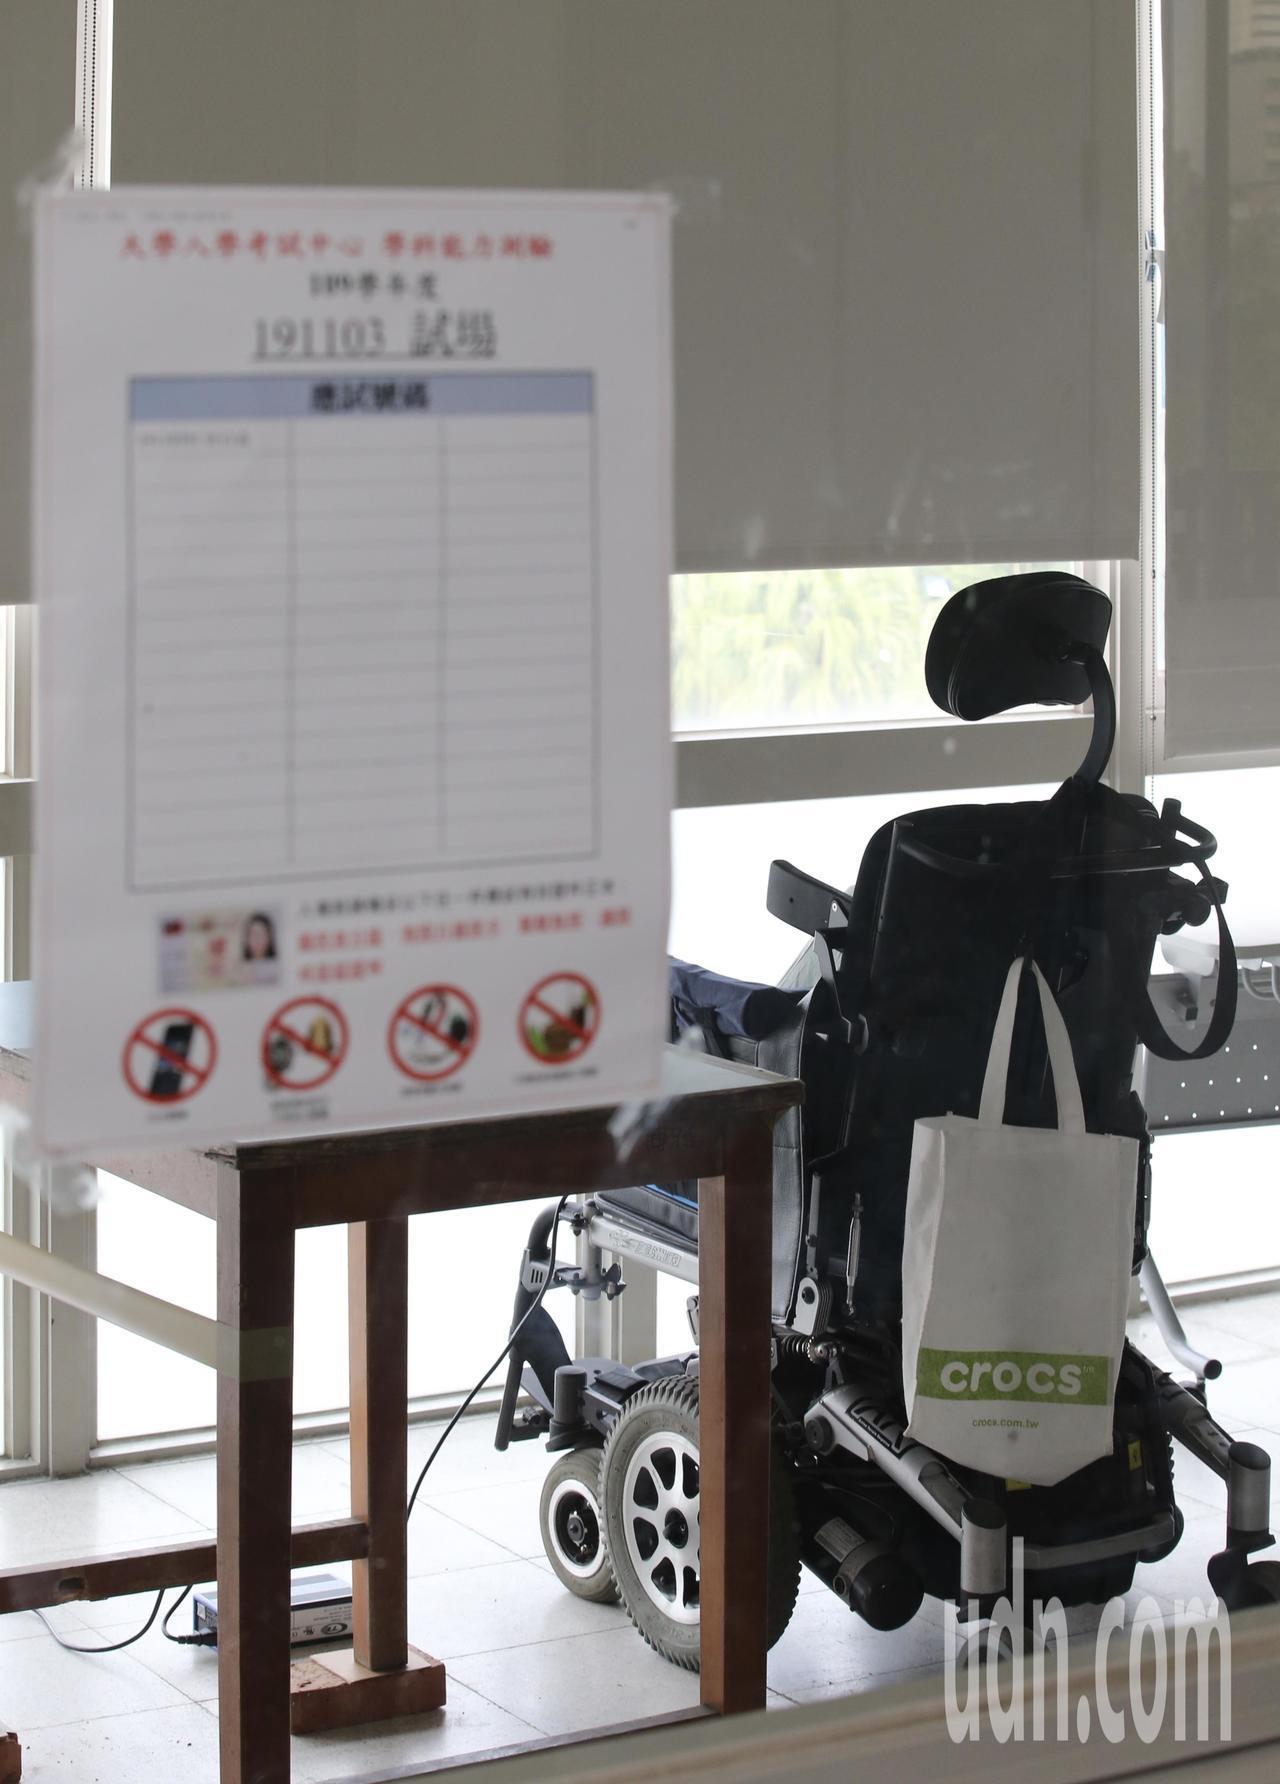 109學年度學科能力測驗將於17日至18日舉行,下午2時至4時開放考生查看身障生...